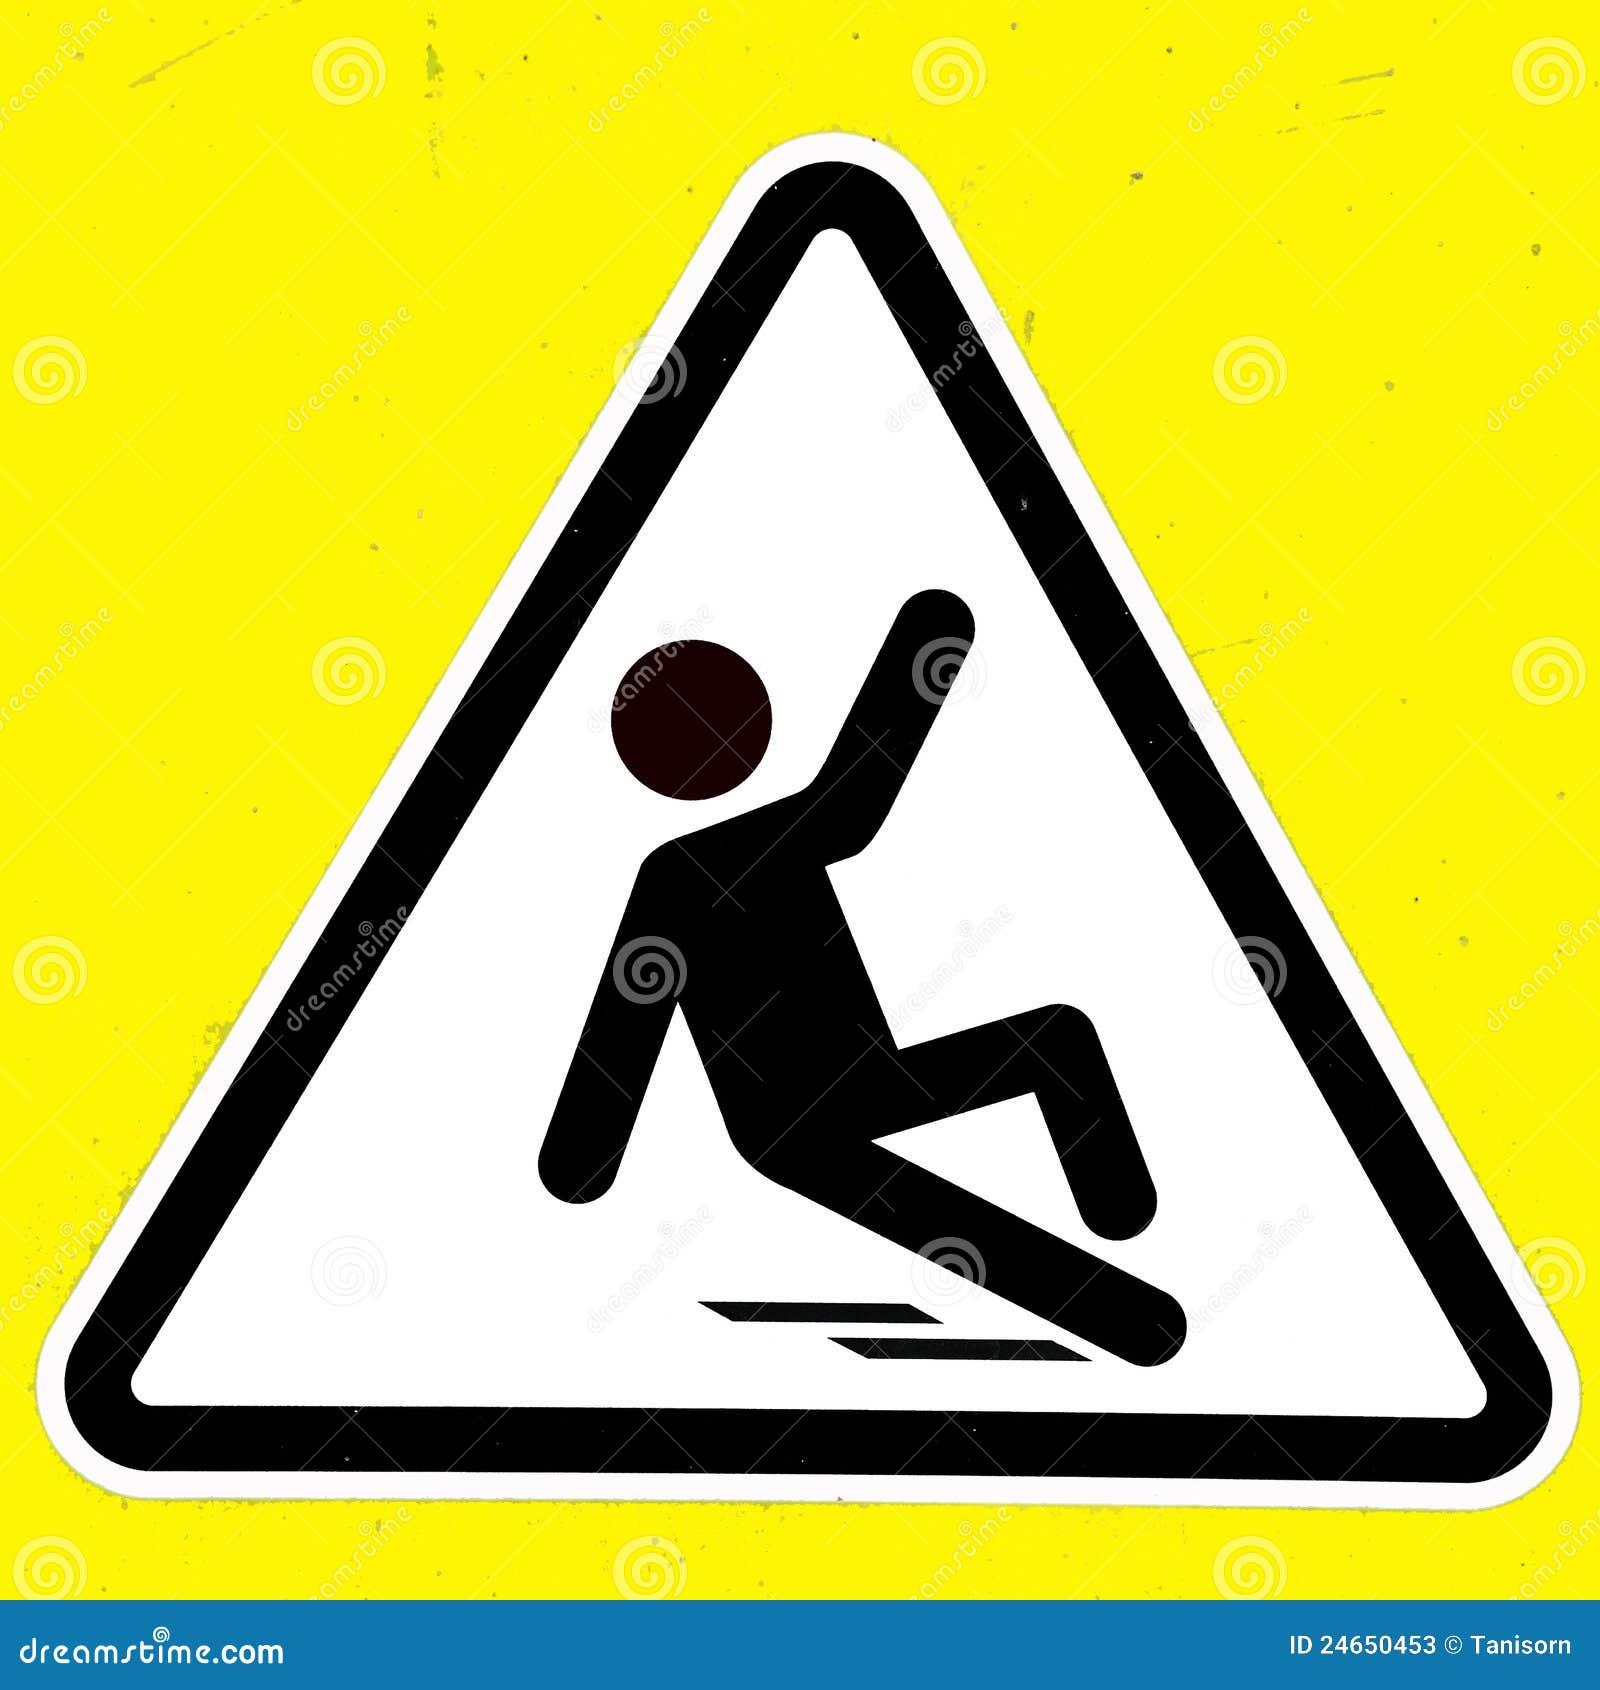 Slippery Wet Floor Sign Stock Illustration Illustration